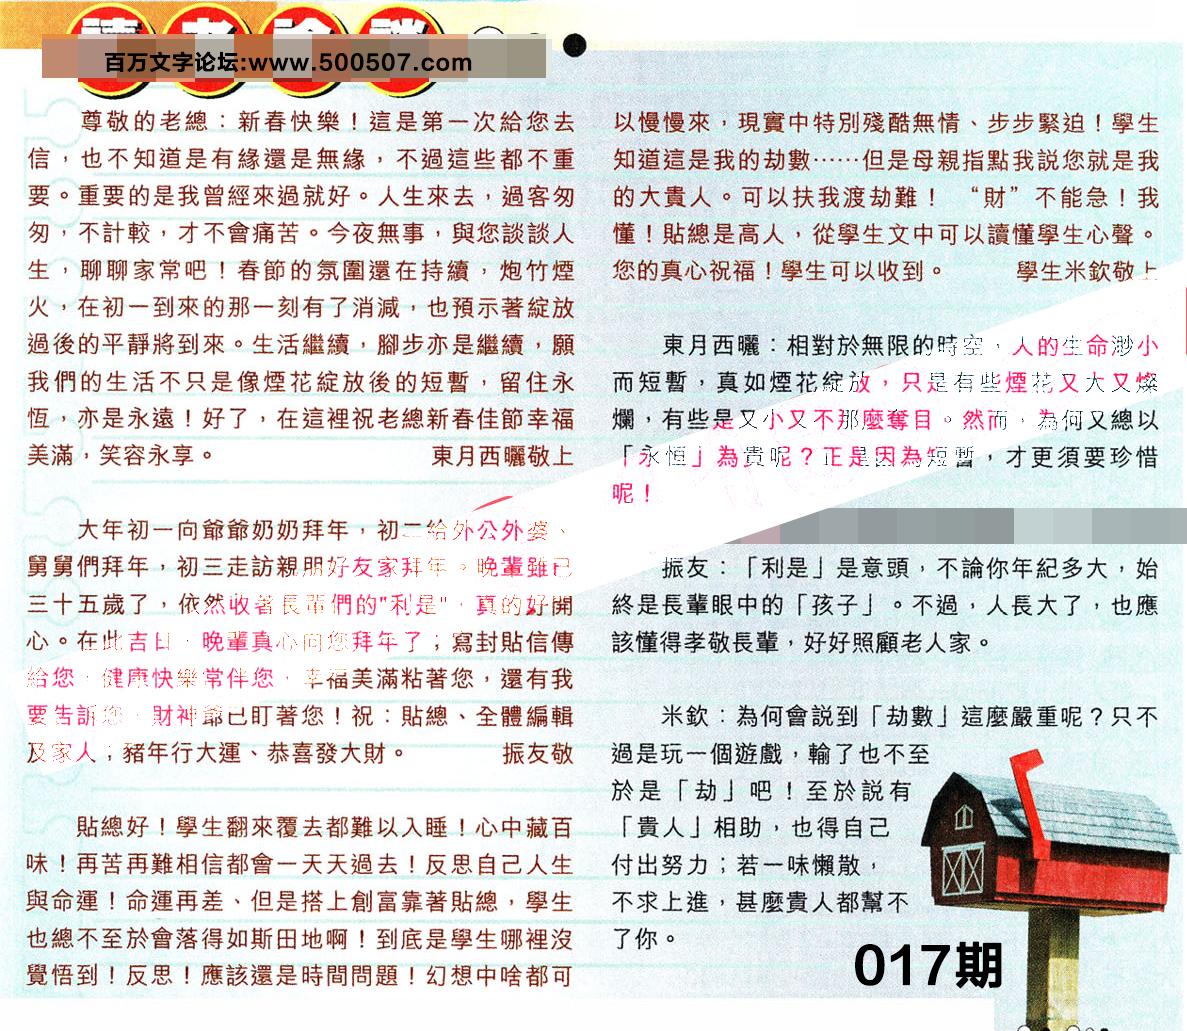 017期:彩民推荐�N信�x者���